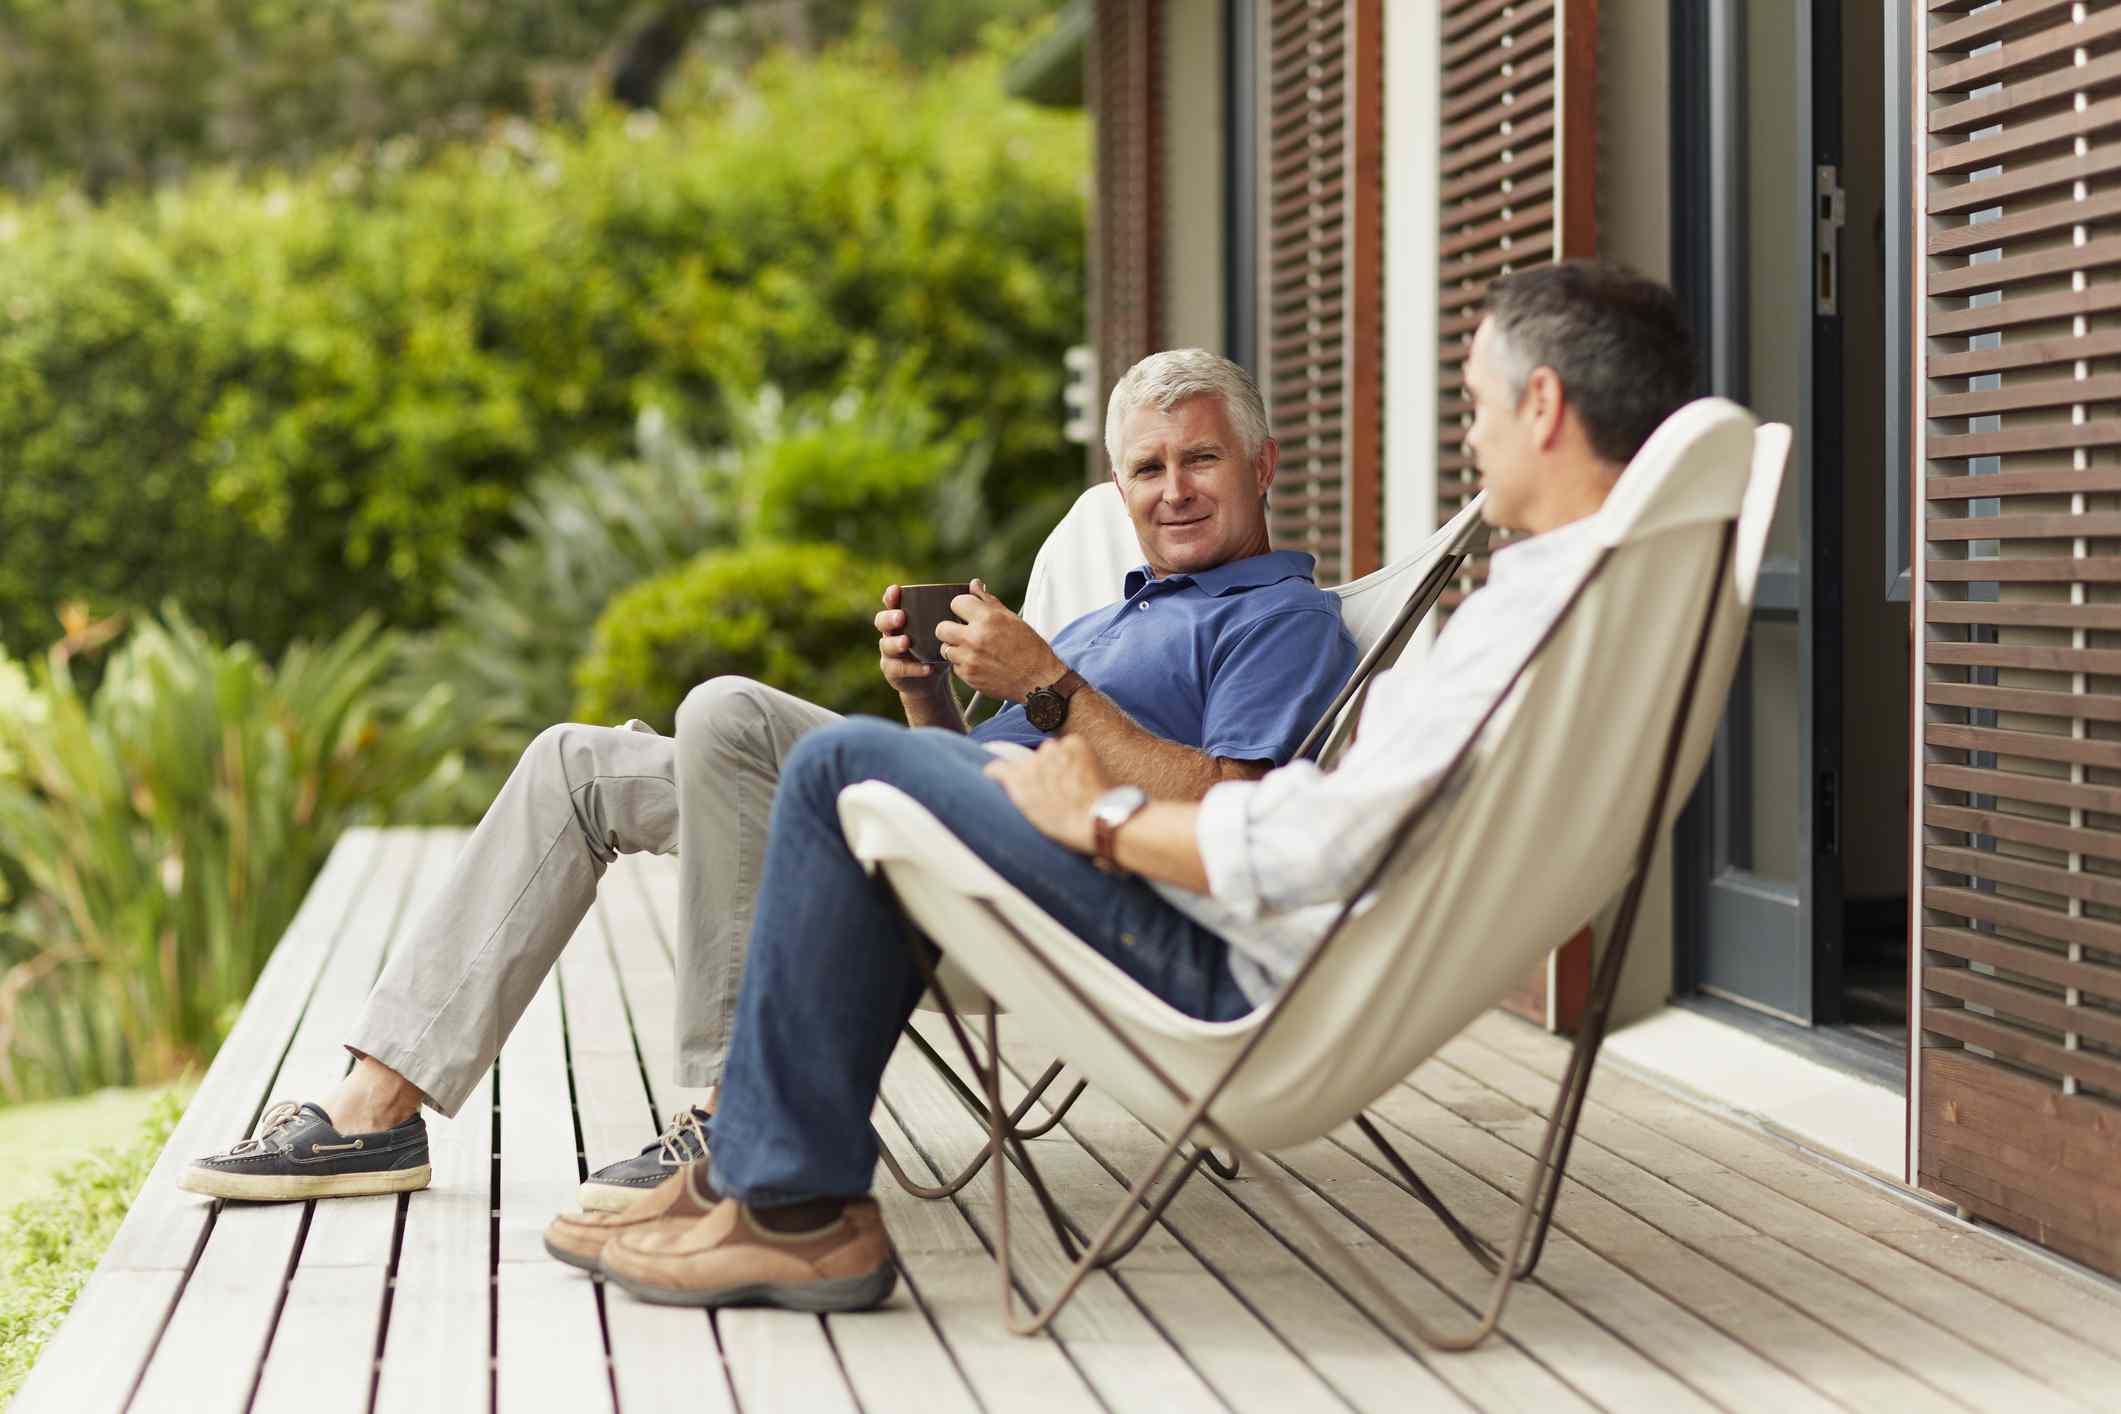 Dos hombres en una terraza sentados en sillas